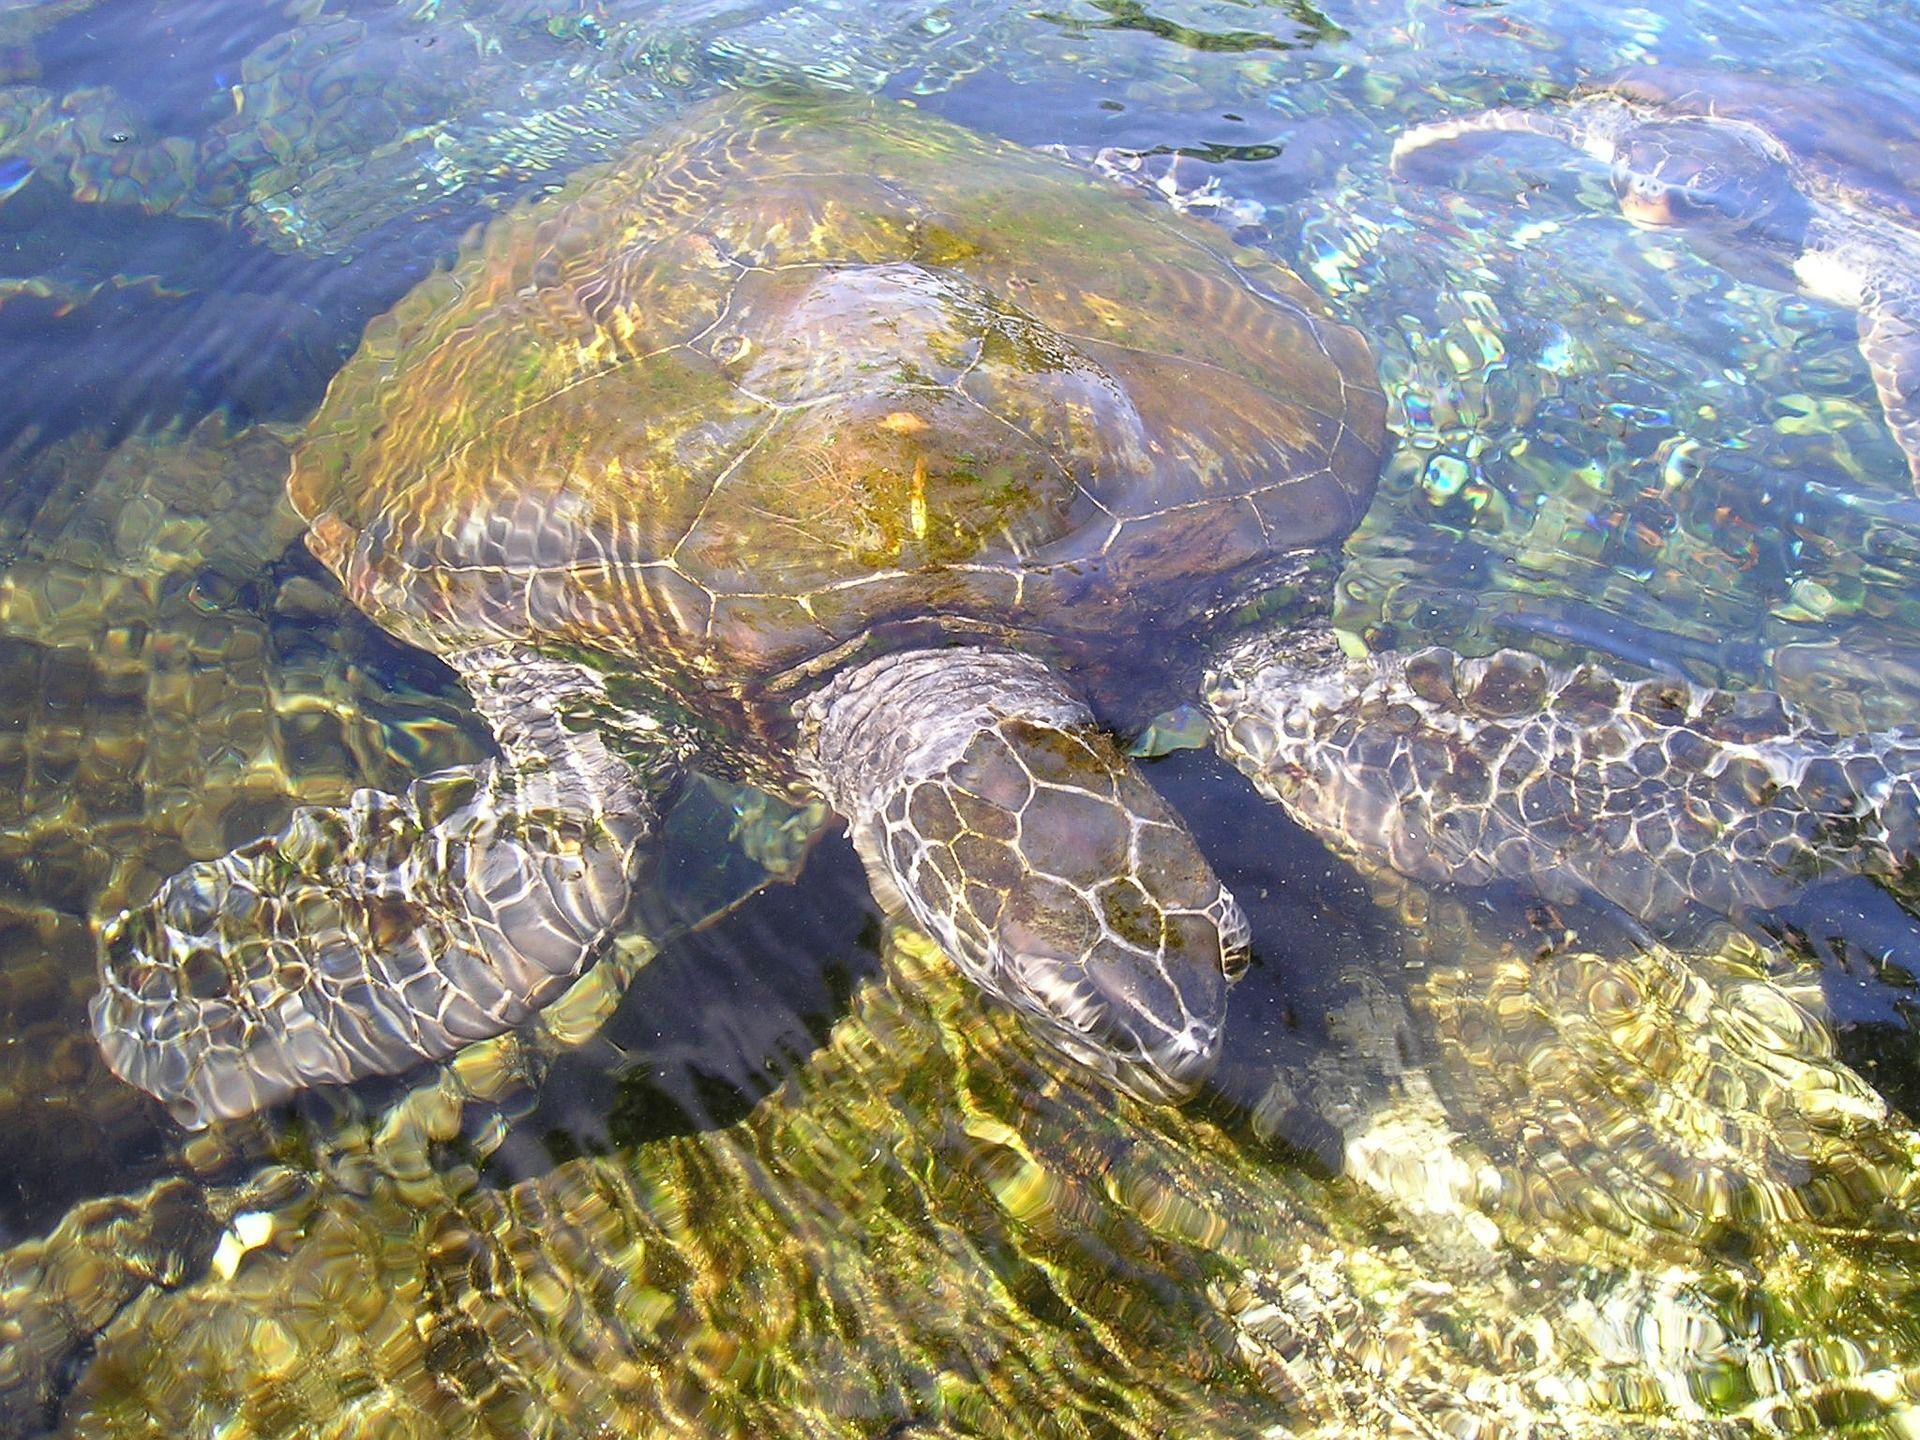 Смотреть красивую картинку черепахи крупным планом